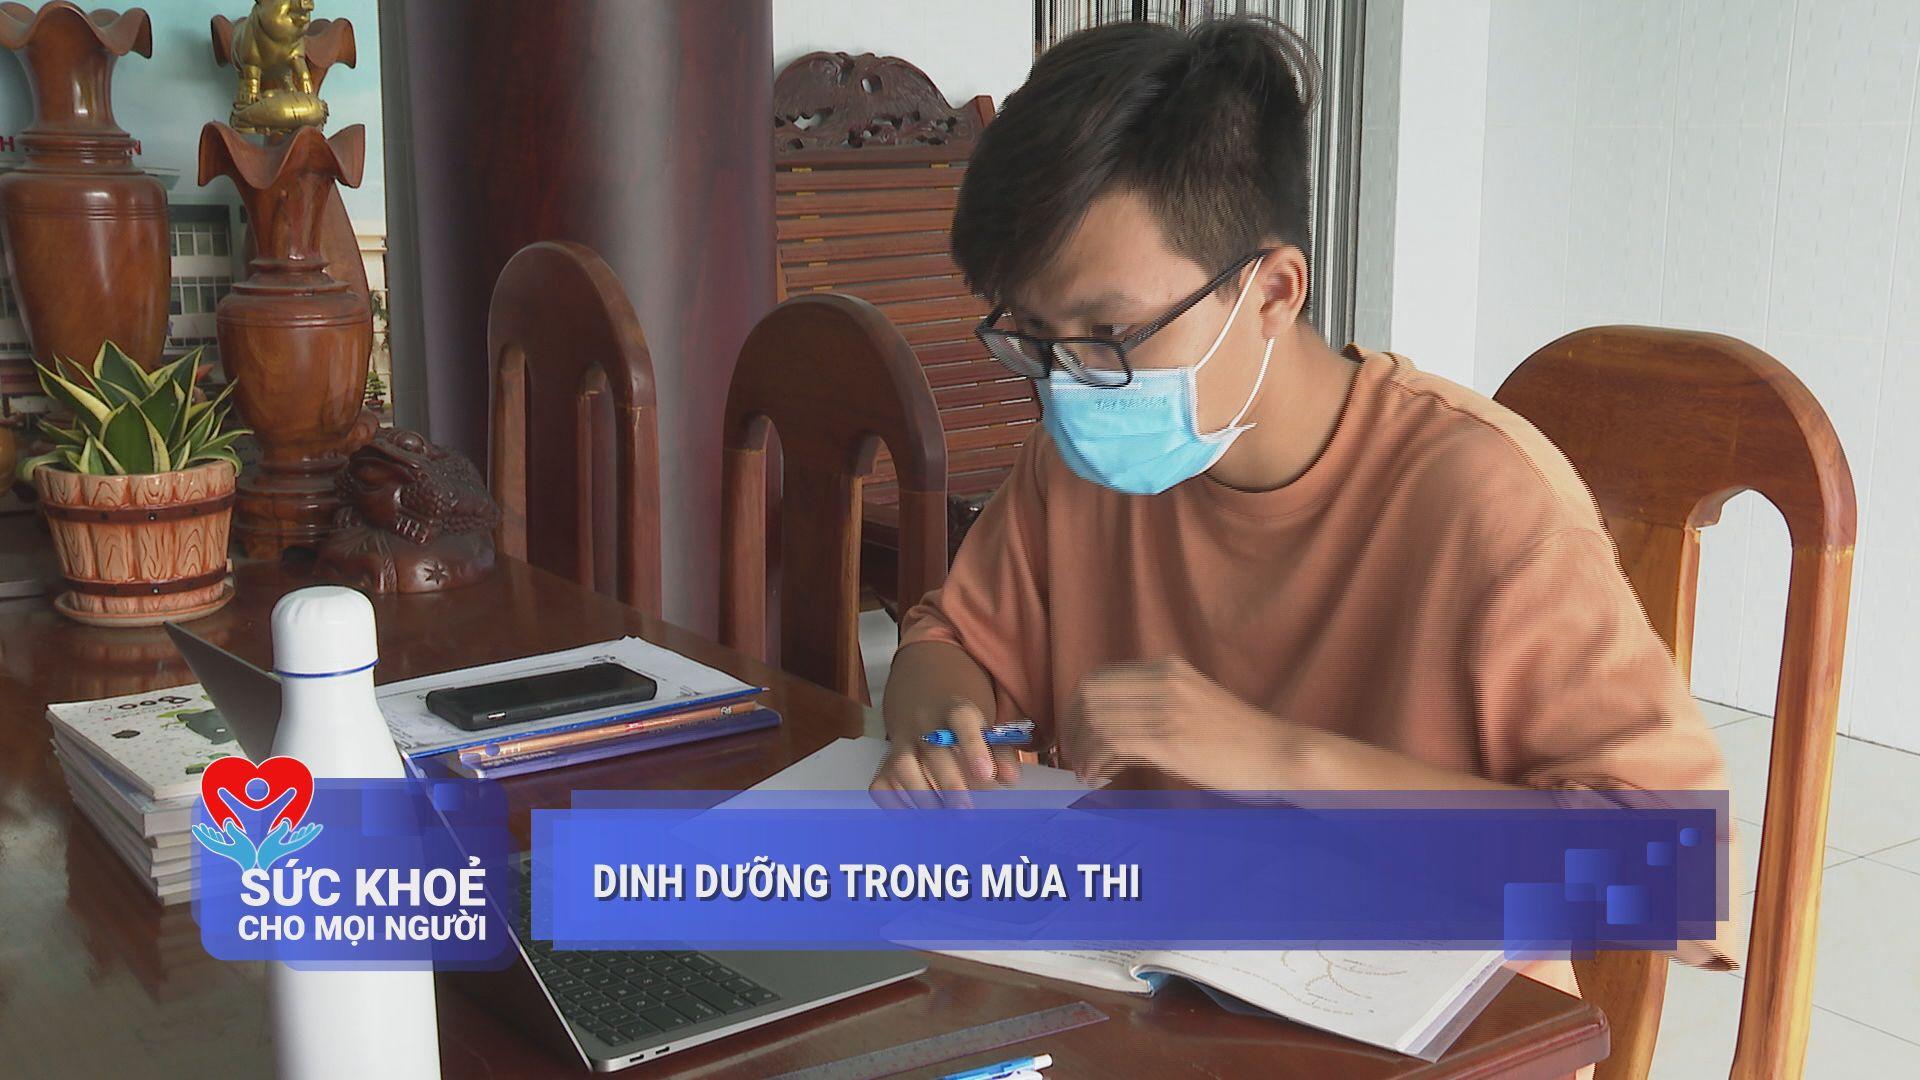 Dinh dưỡng trong mùa thi | SỨC KHỎE CHO MỌI NGƯỜI | TayNinTV